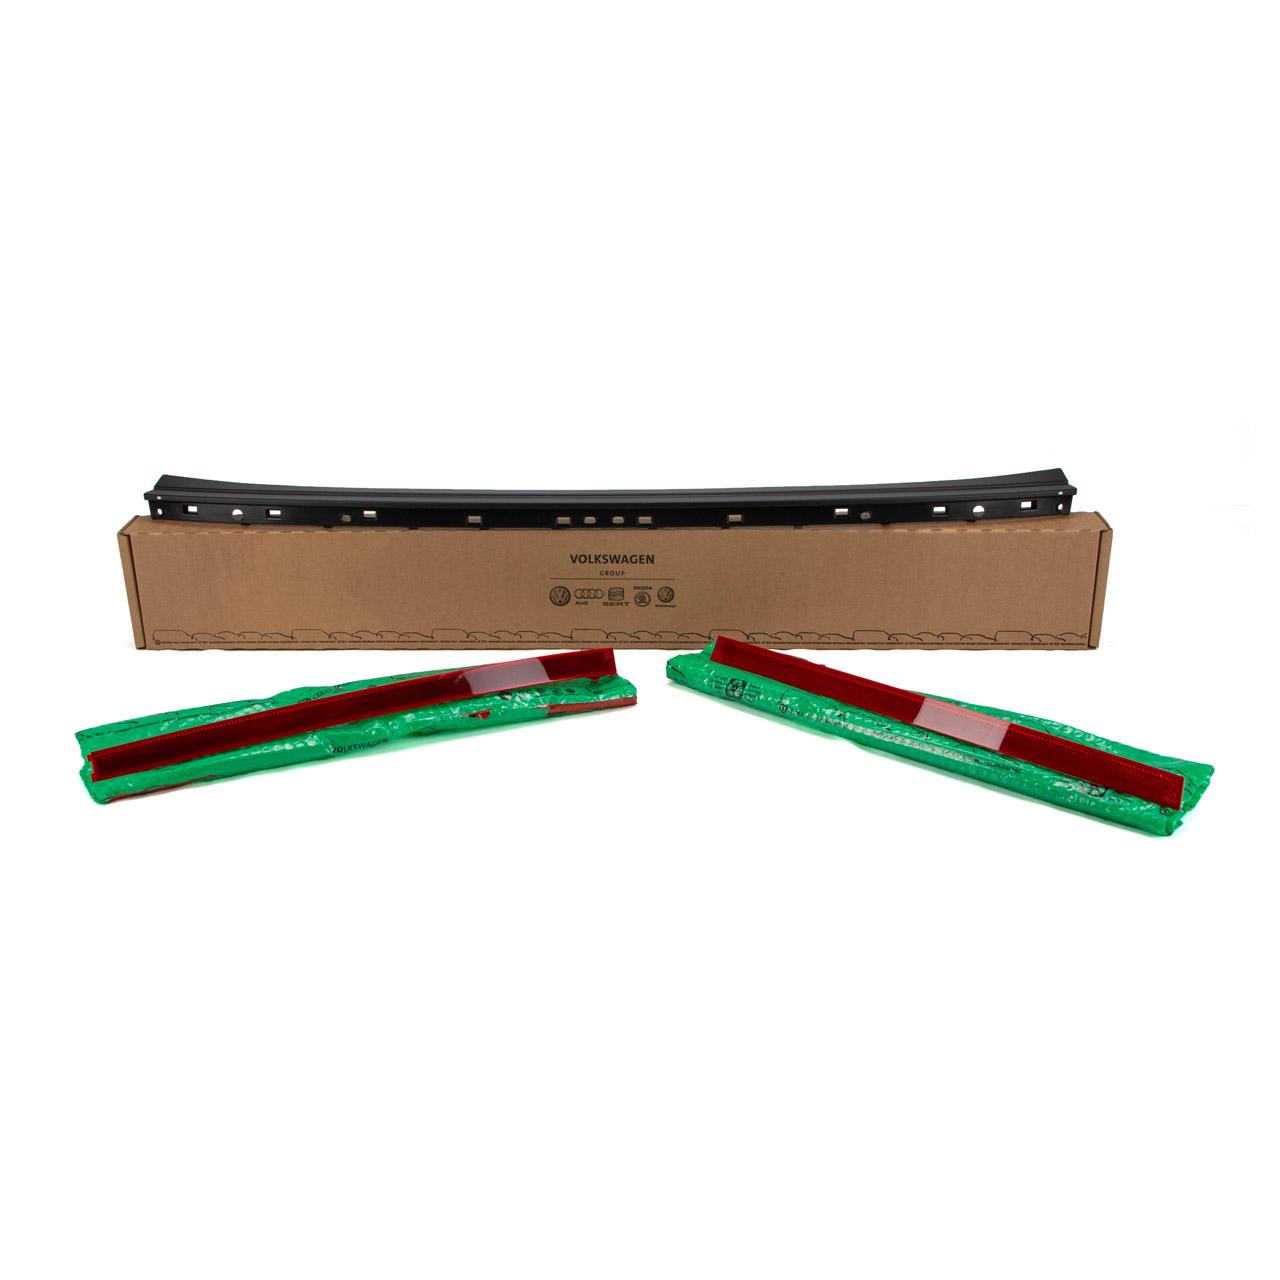 ORIGINAL Skoda Rückstrahler Schutzleiste Set Stoßfänger Tuning Nachrüstung Kodiaq RS